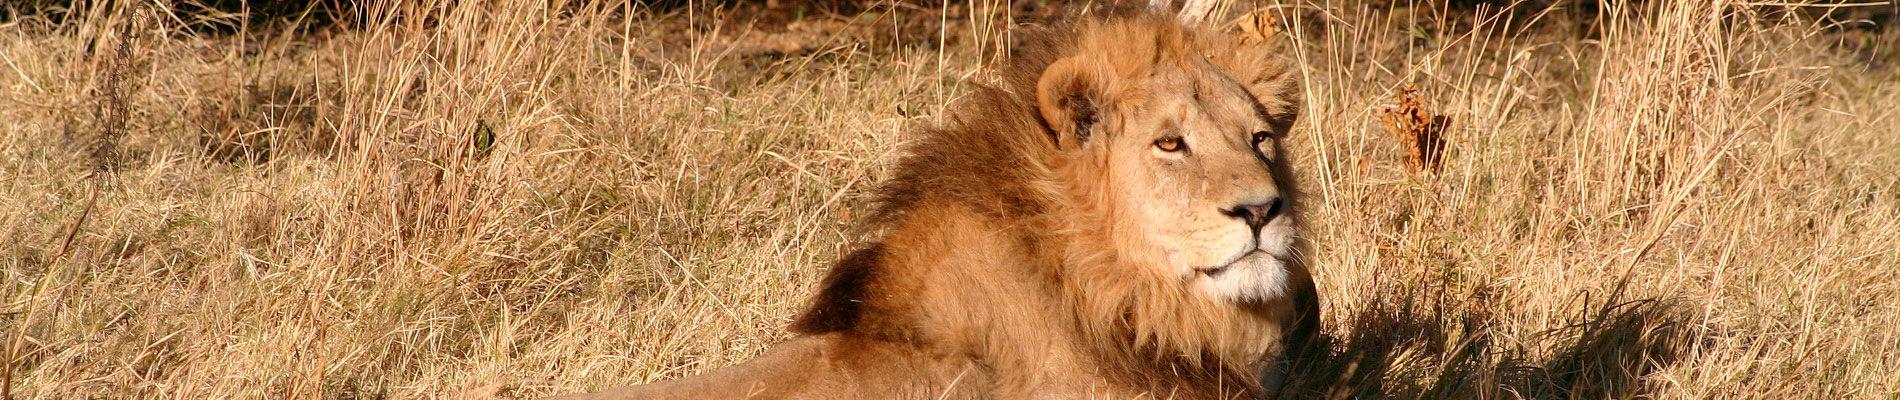 afrique-botswana-lion-safari-st